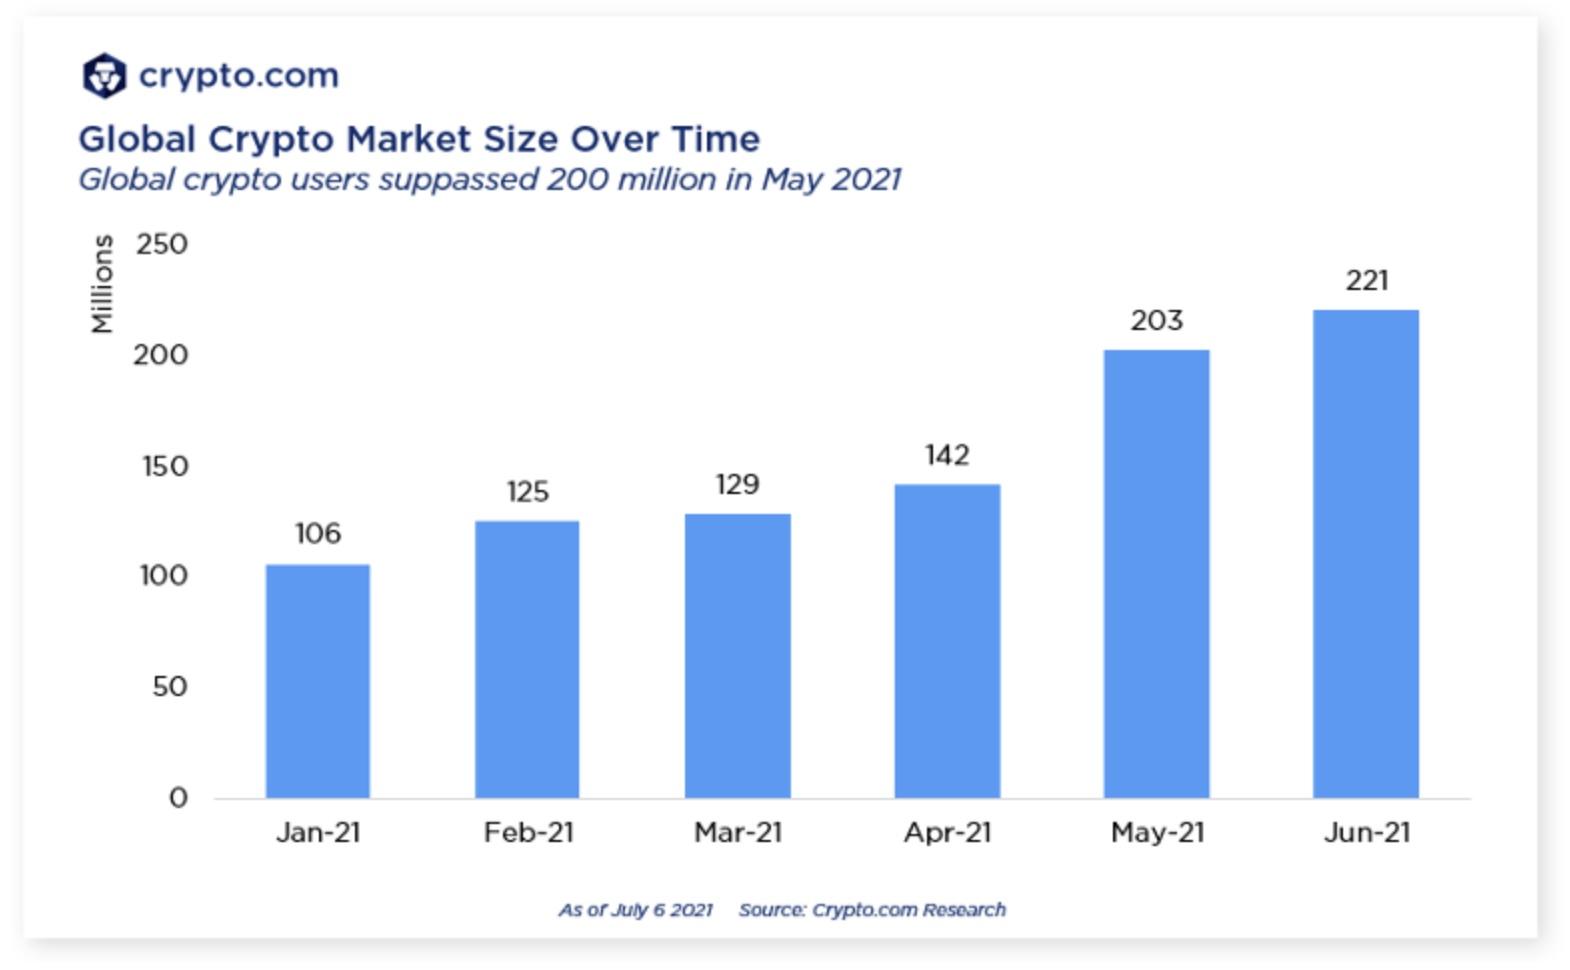 全球加密貨幣持有者「突破2億人口」!比特幣、以太坊大爆發,4月內玩家翻倍